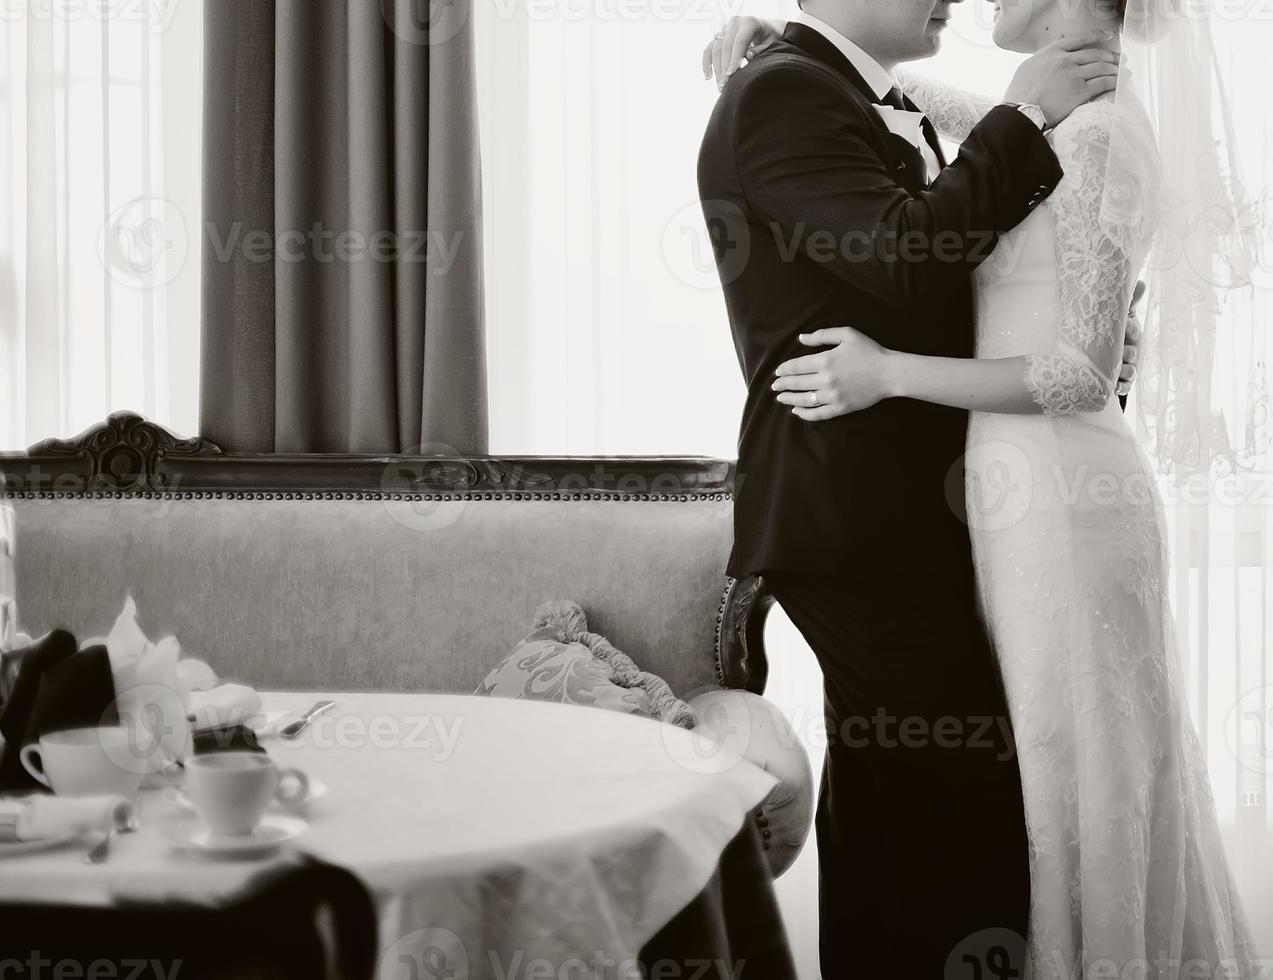 giovani sposi che si abbracciano. foto